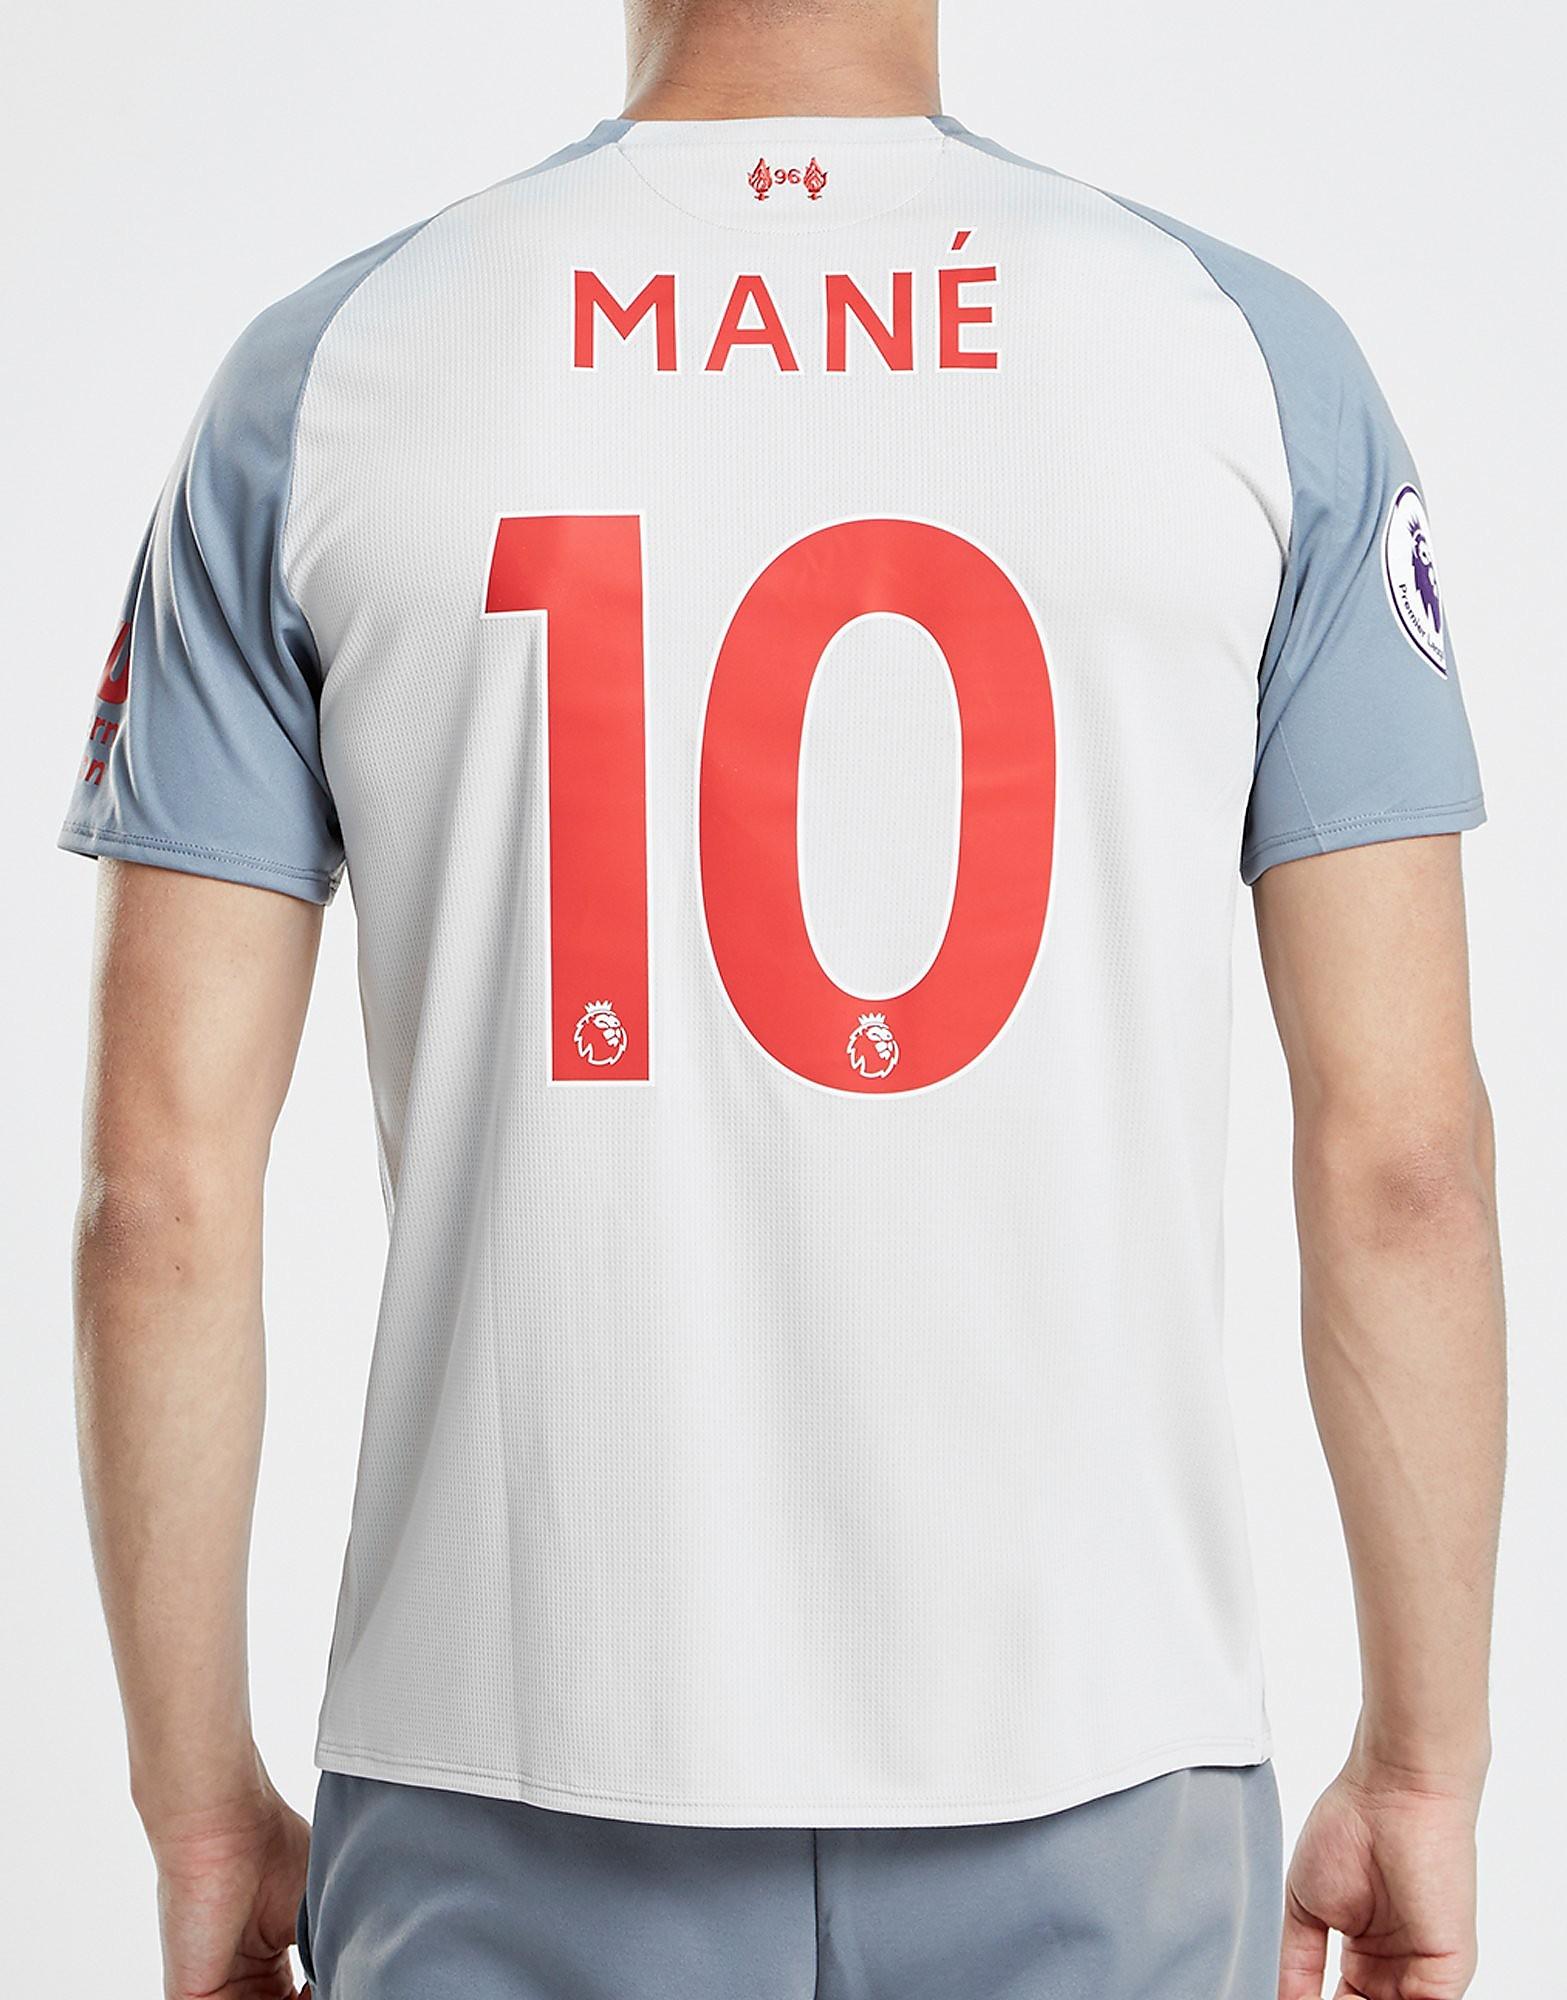 New Balance Liverpool FC 2018/19 Mane #10 Third Shirt - Grijs - Heren